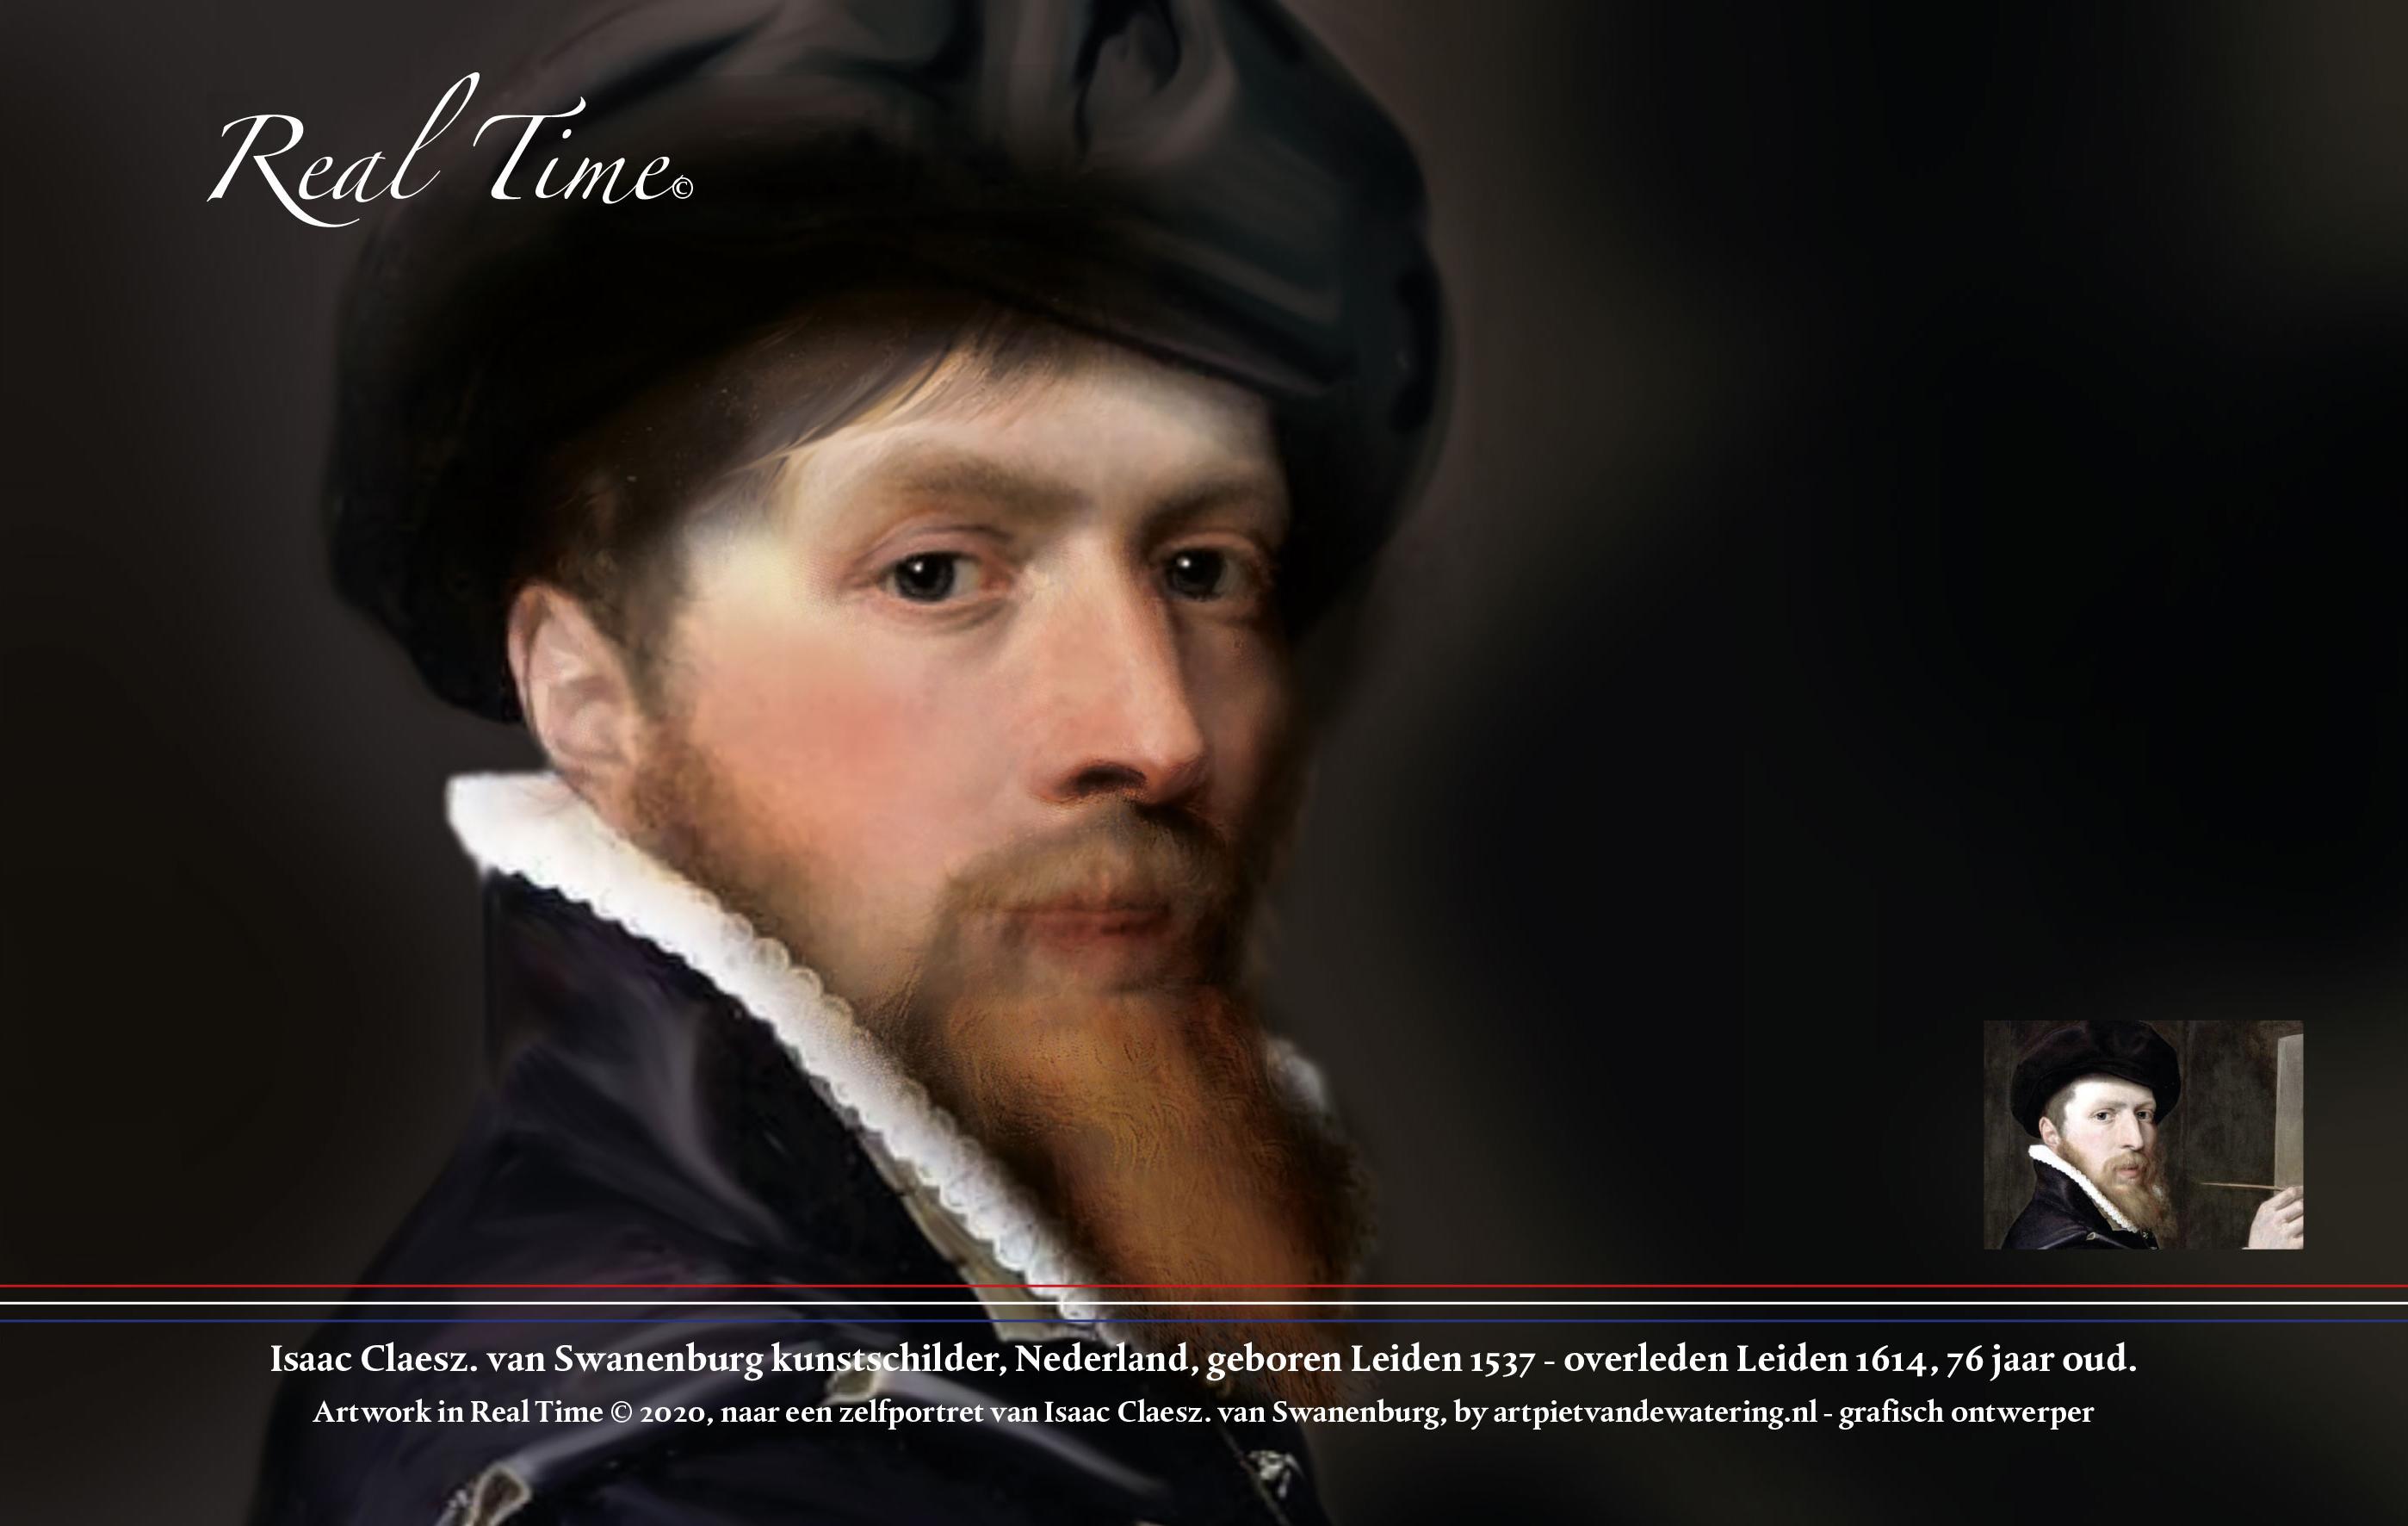 Isaac-c-v-Swanenburg-1537-1614